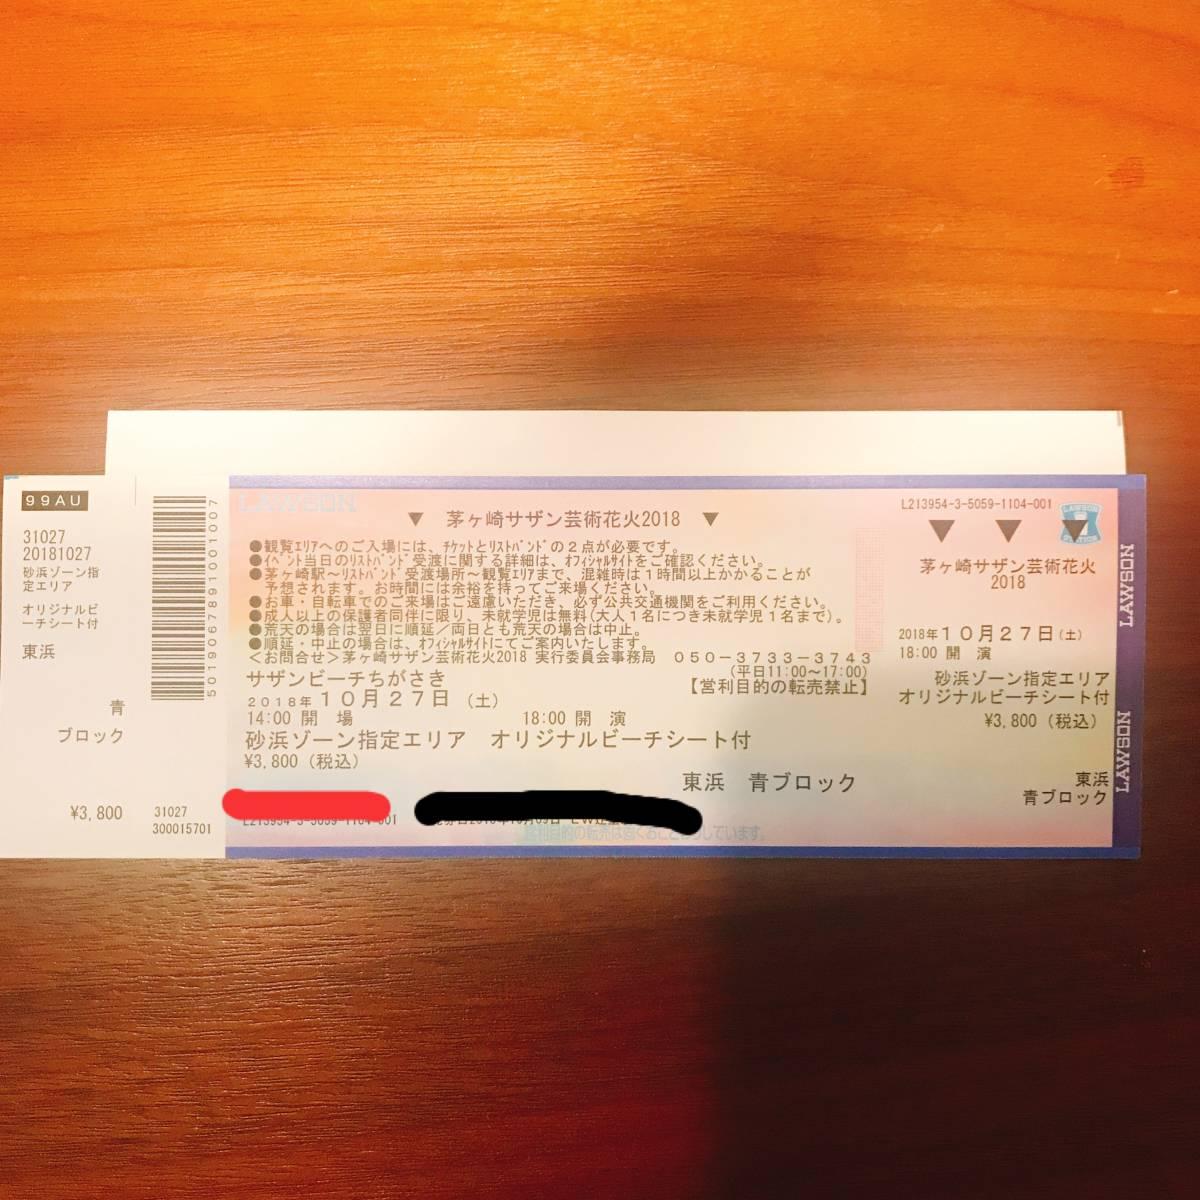 茅ヶ崎サザン芸術花火大会2018 砂浜指定 1枚